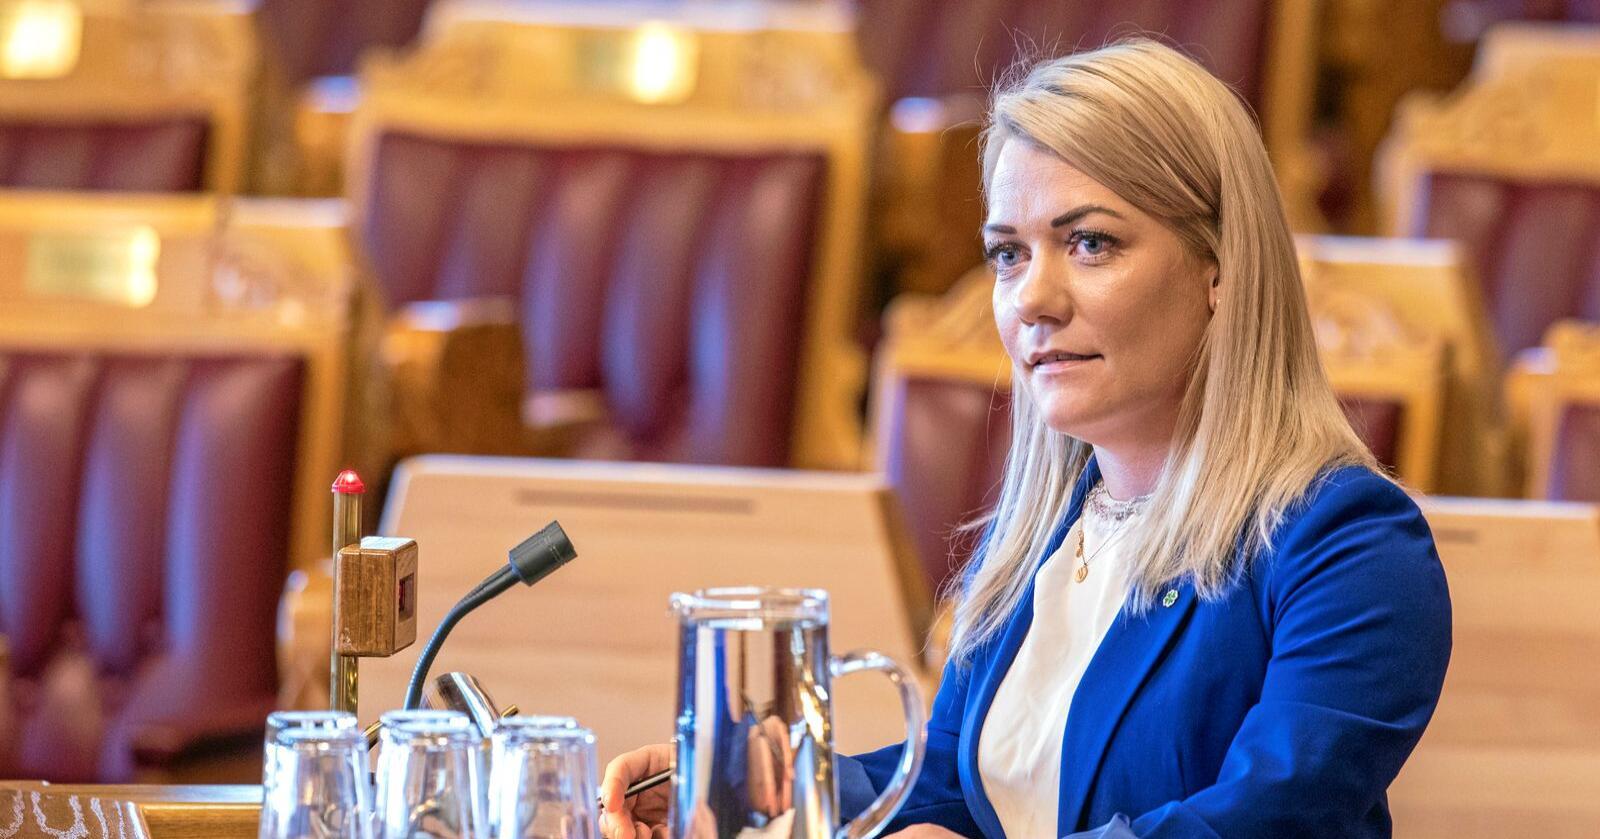 Sandra Borch (Sp) sier Frp er kneblet av Venstre i rovdyrpolitikken. Det bare to uker etter de fikk støtte fra Frp til å felle regjeringens rovdyrplan. Foto: Ole Berg-Rusten / NTB Scanpix